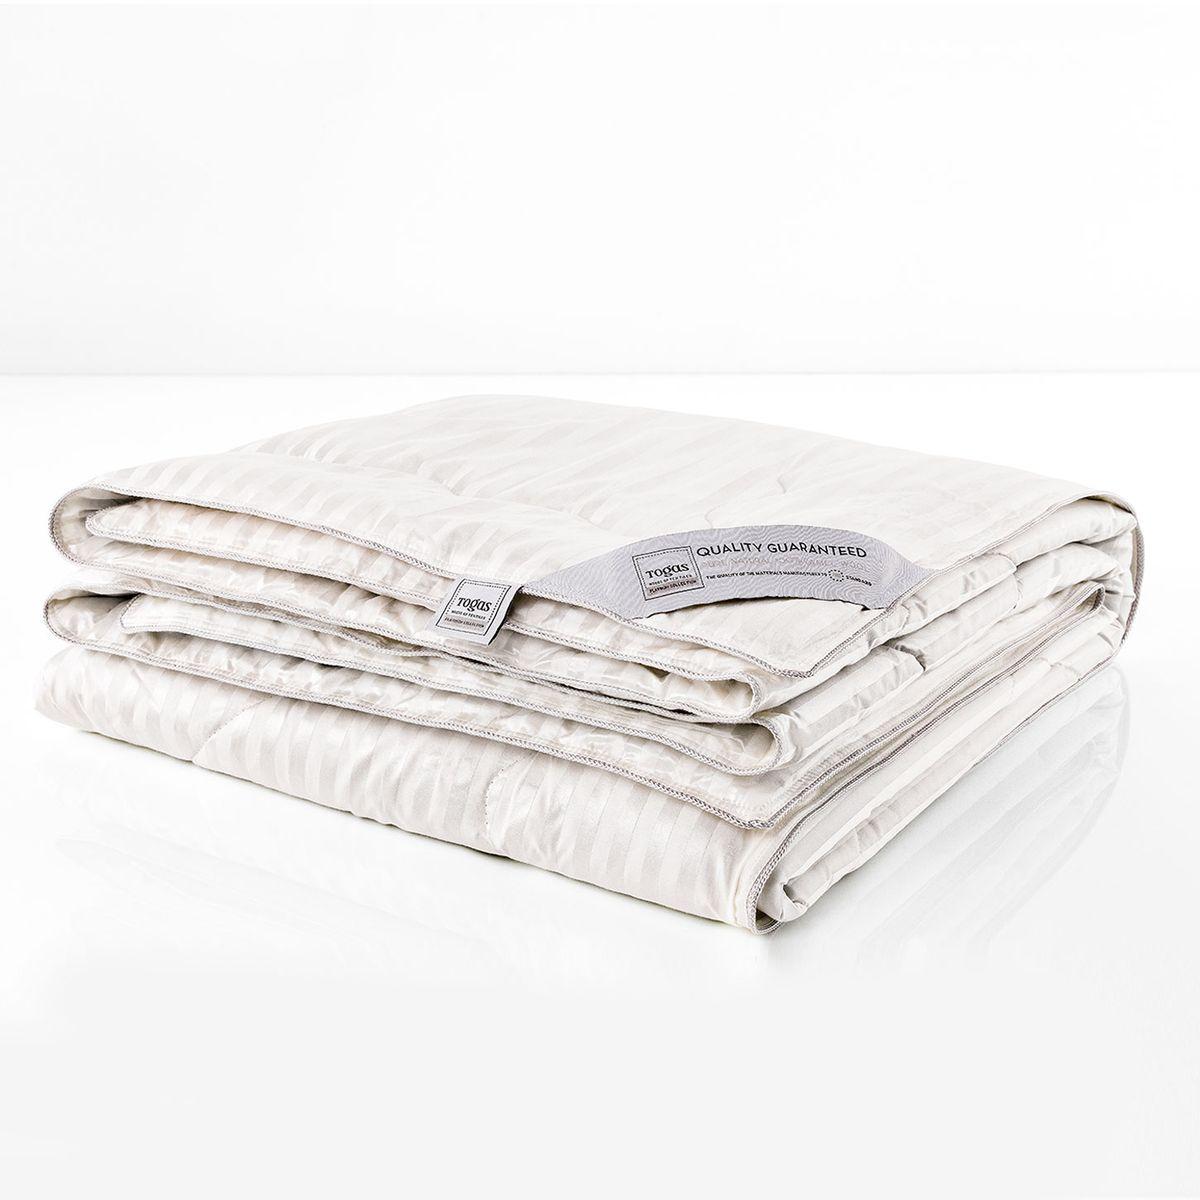 Одеяло Роял верблюжья шерсть в шелке, 200 х 210 см. 20.04.17.0056 - Одеяла